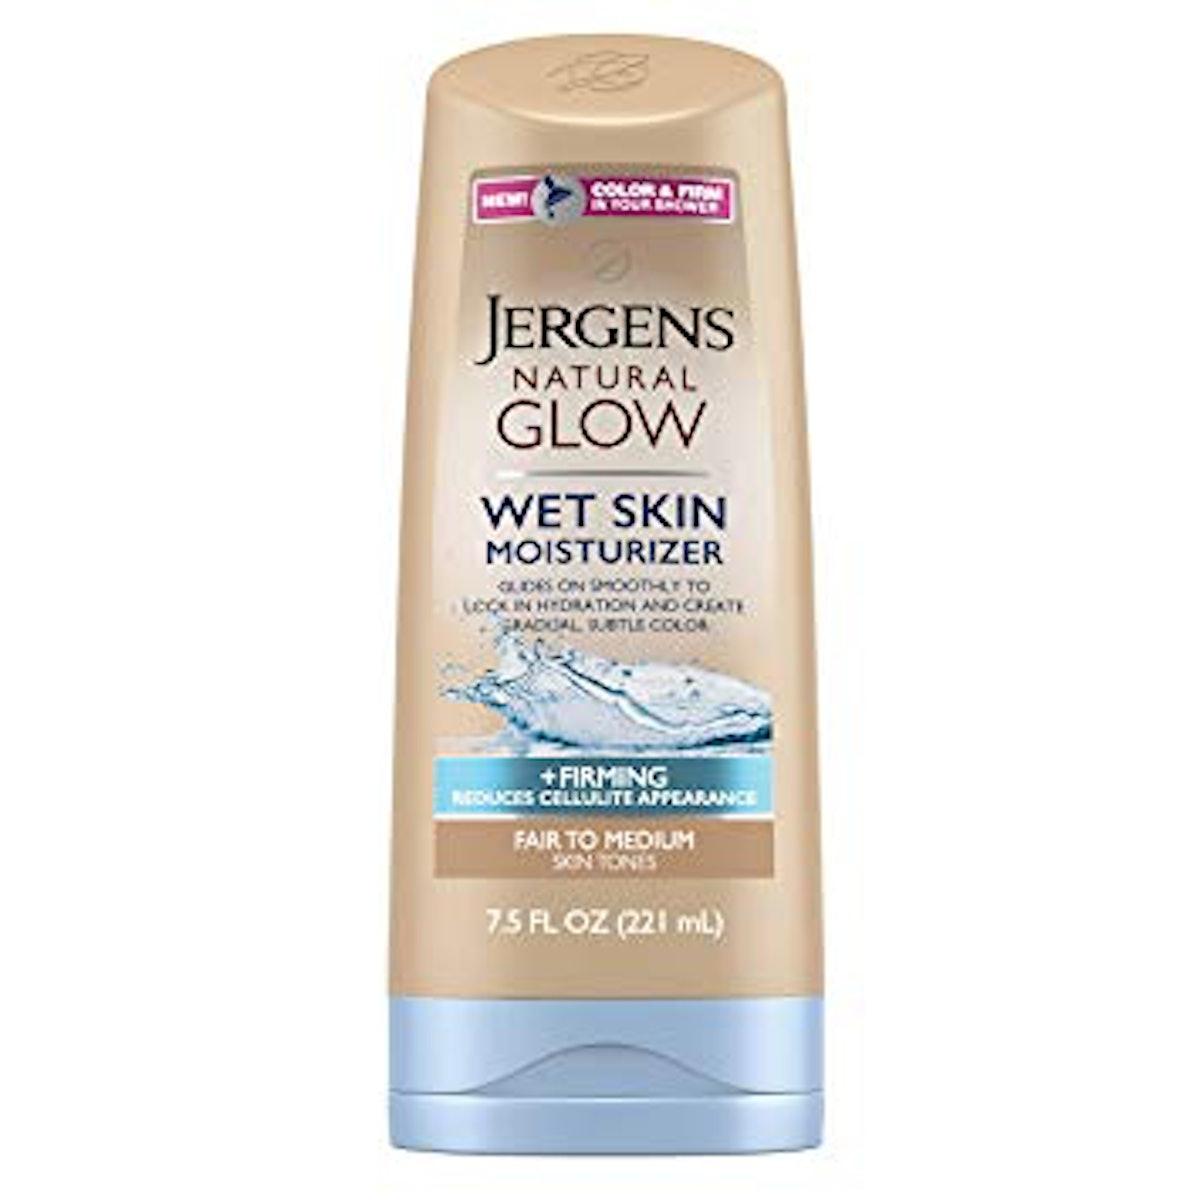 Jergens Natural Glow +Firming Wet Skin Moisturizer